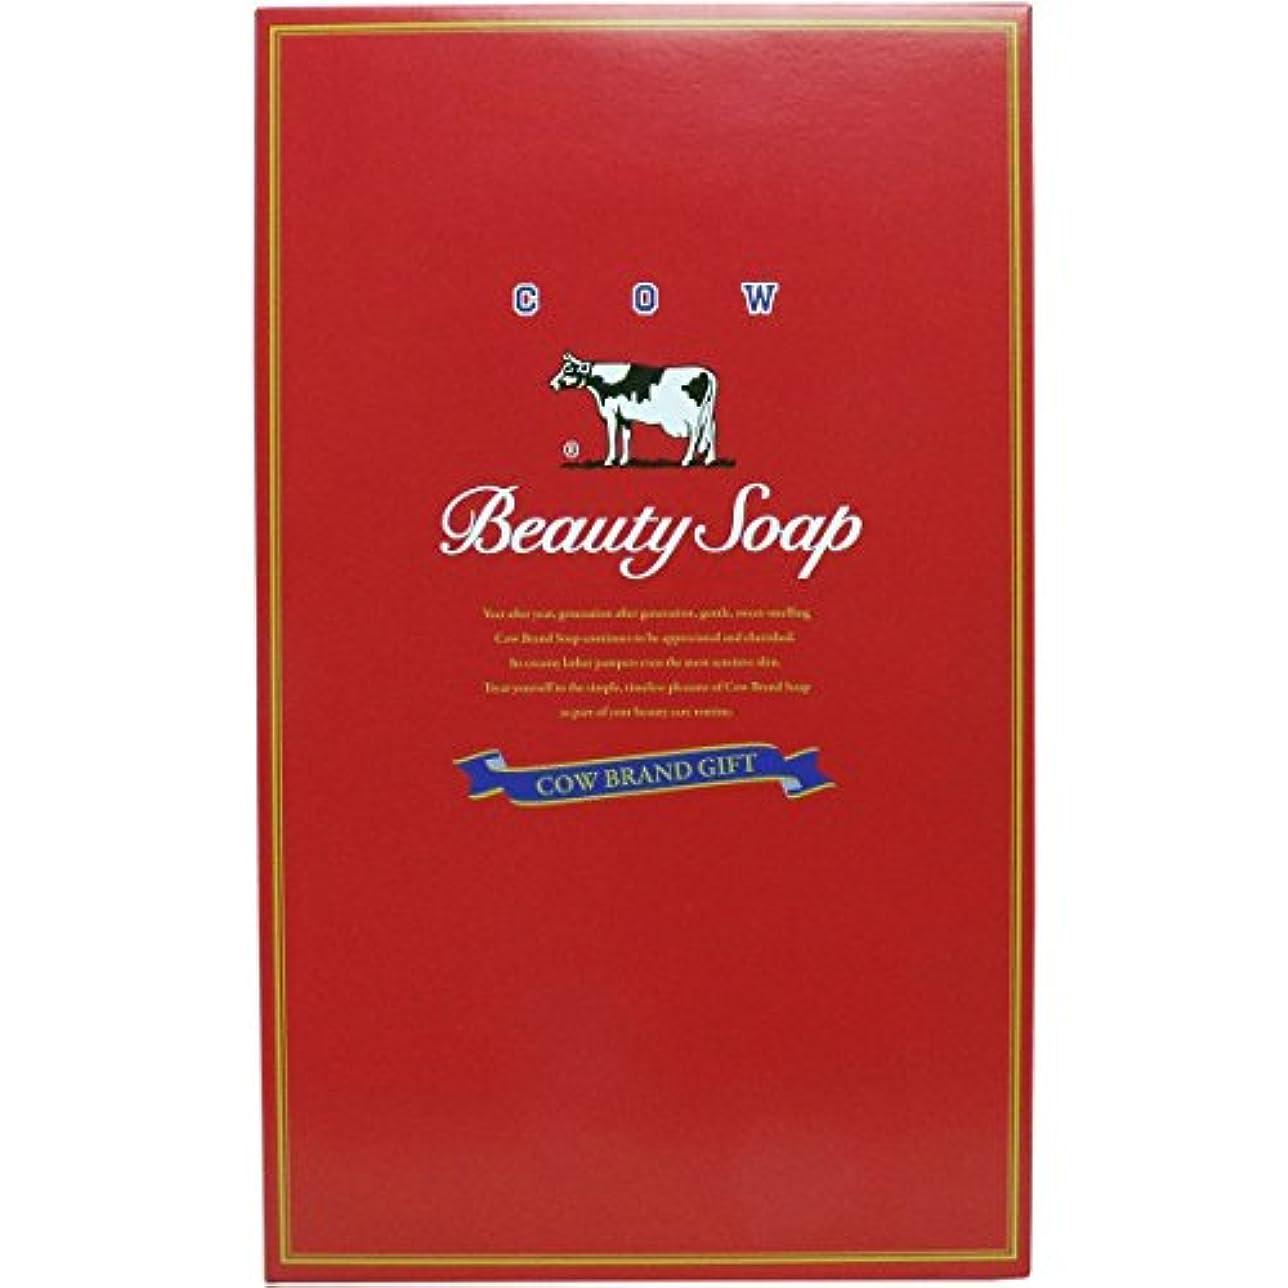 バッテリーダイジェスト組牛乳石鹸共進社 カウブランド石鹸 赤箱 100g×10個×16箱